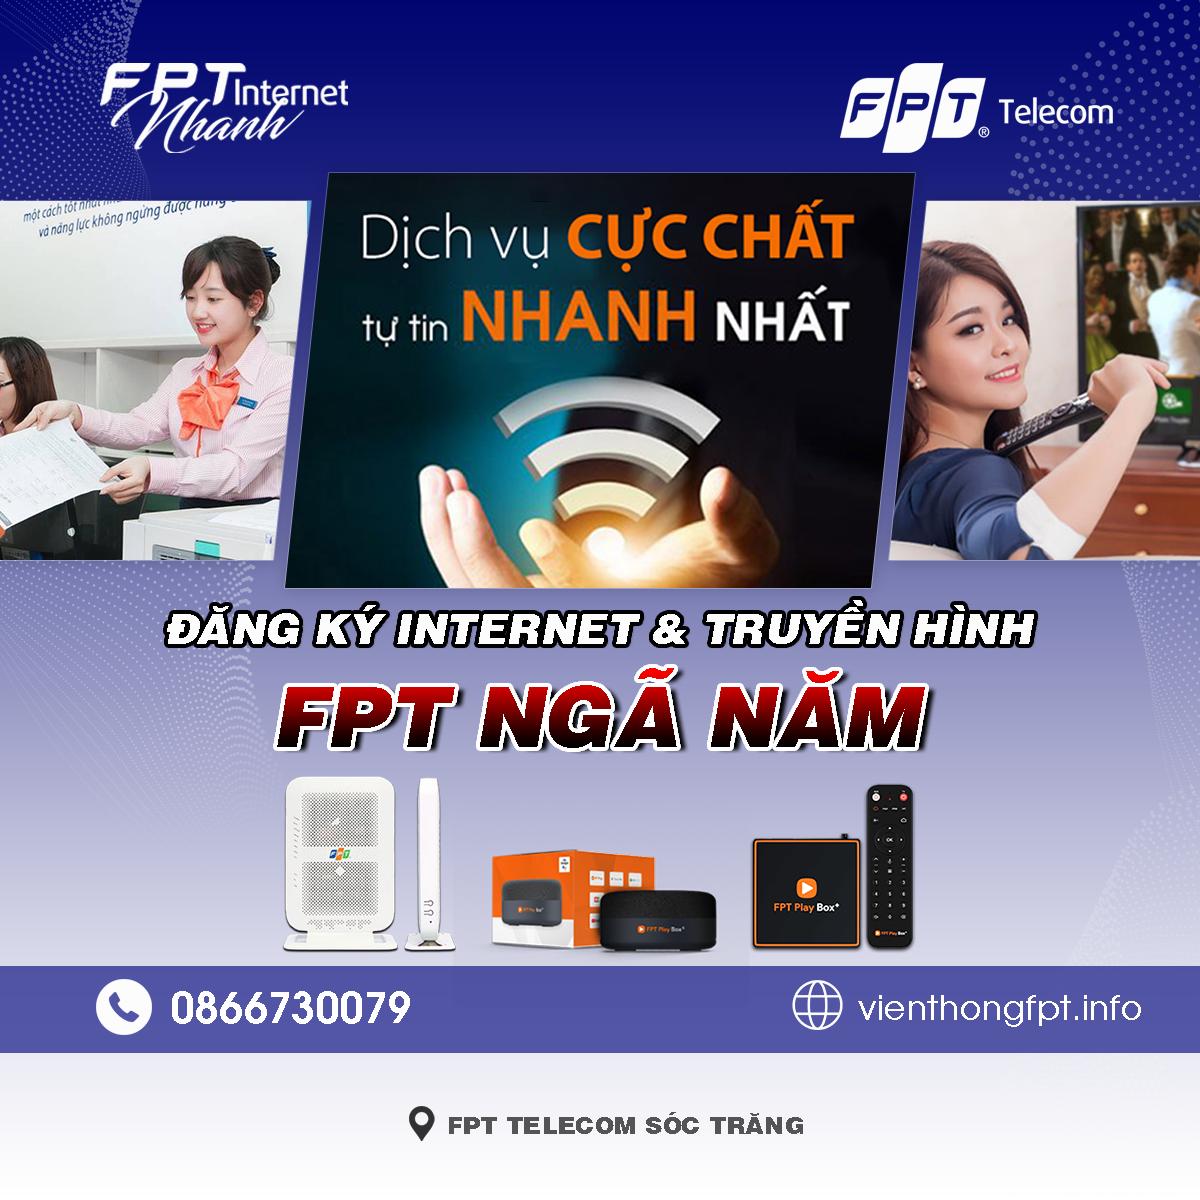 Tổng đài FPT Ngã Năm - Đơn vị lắp mạng Internet và Truyền hình FPT